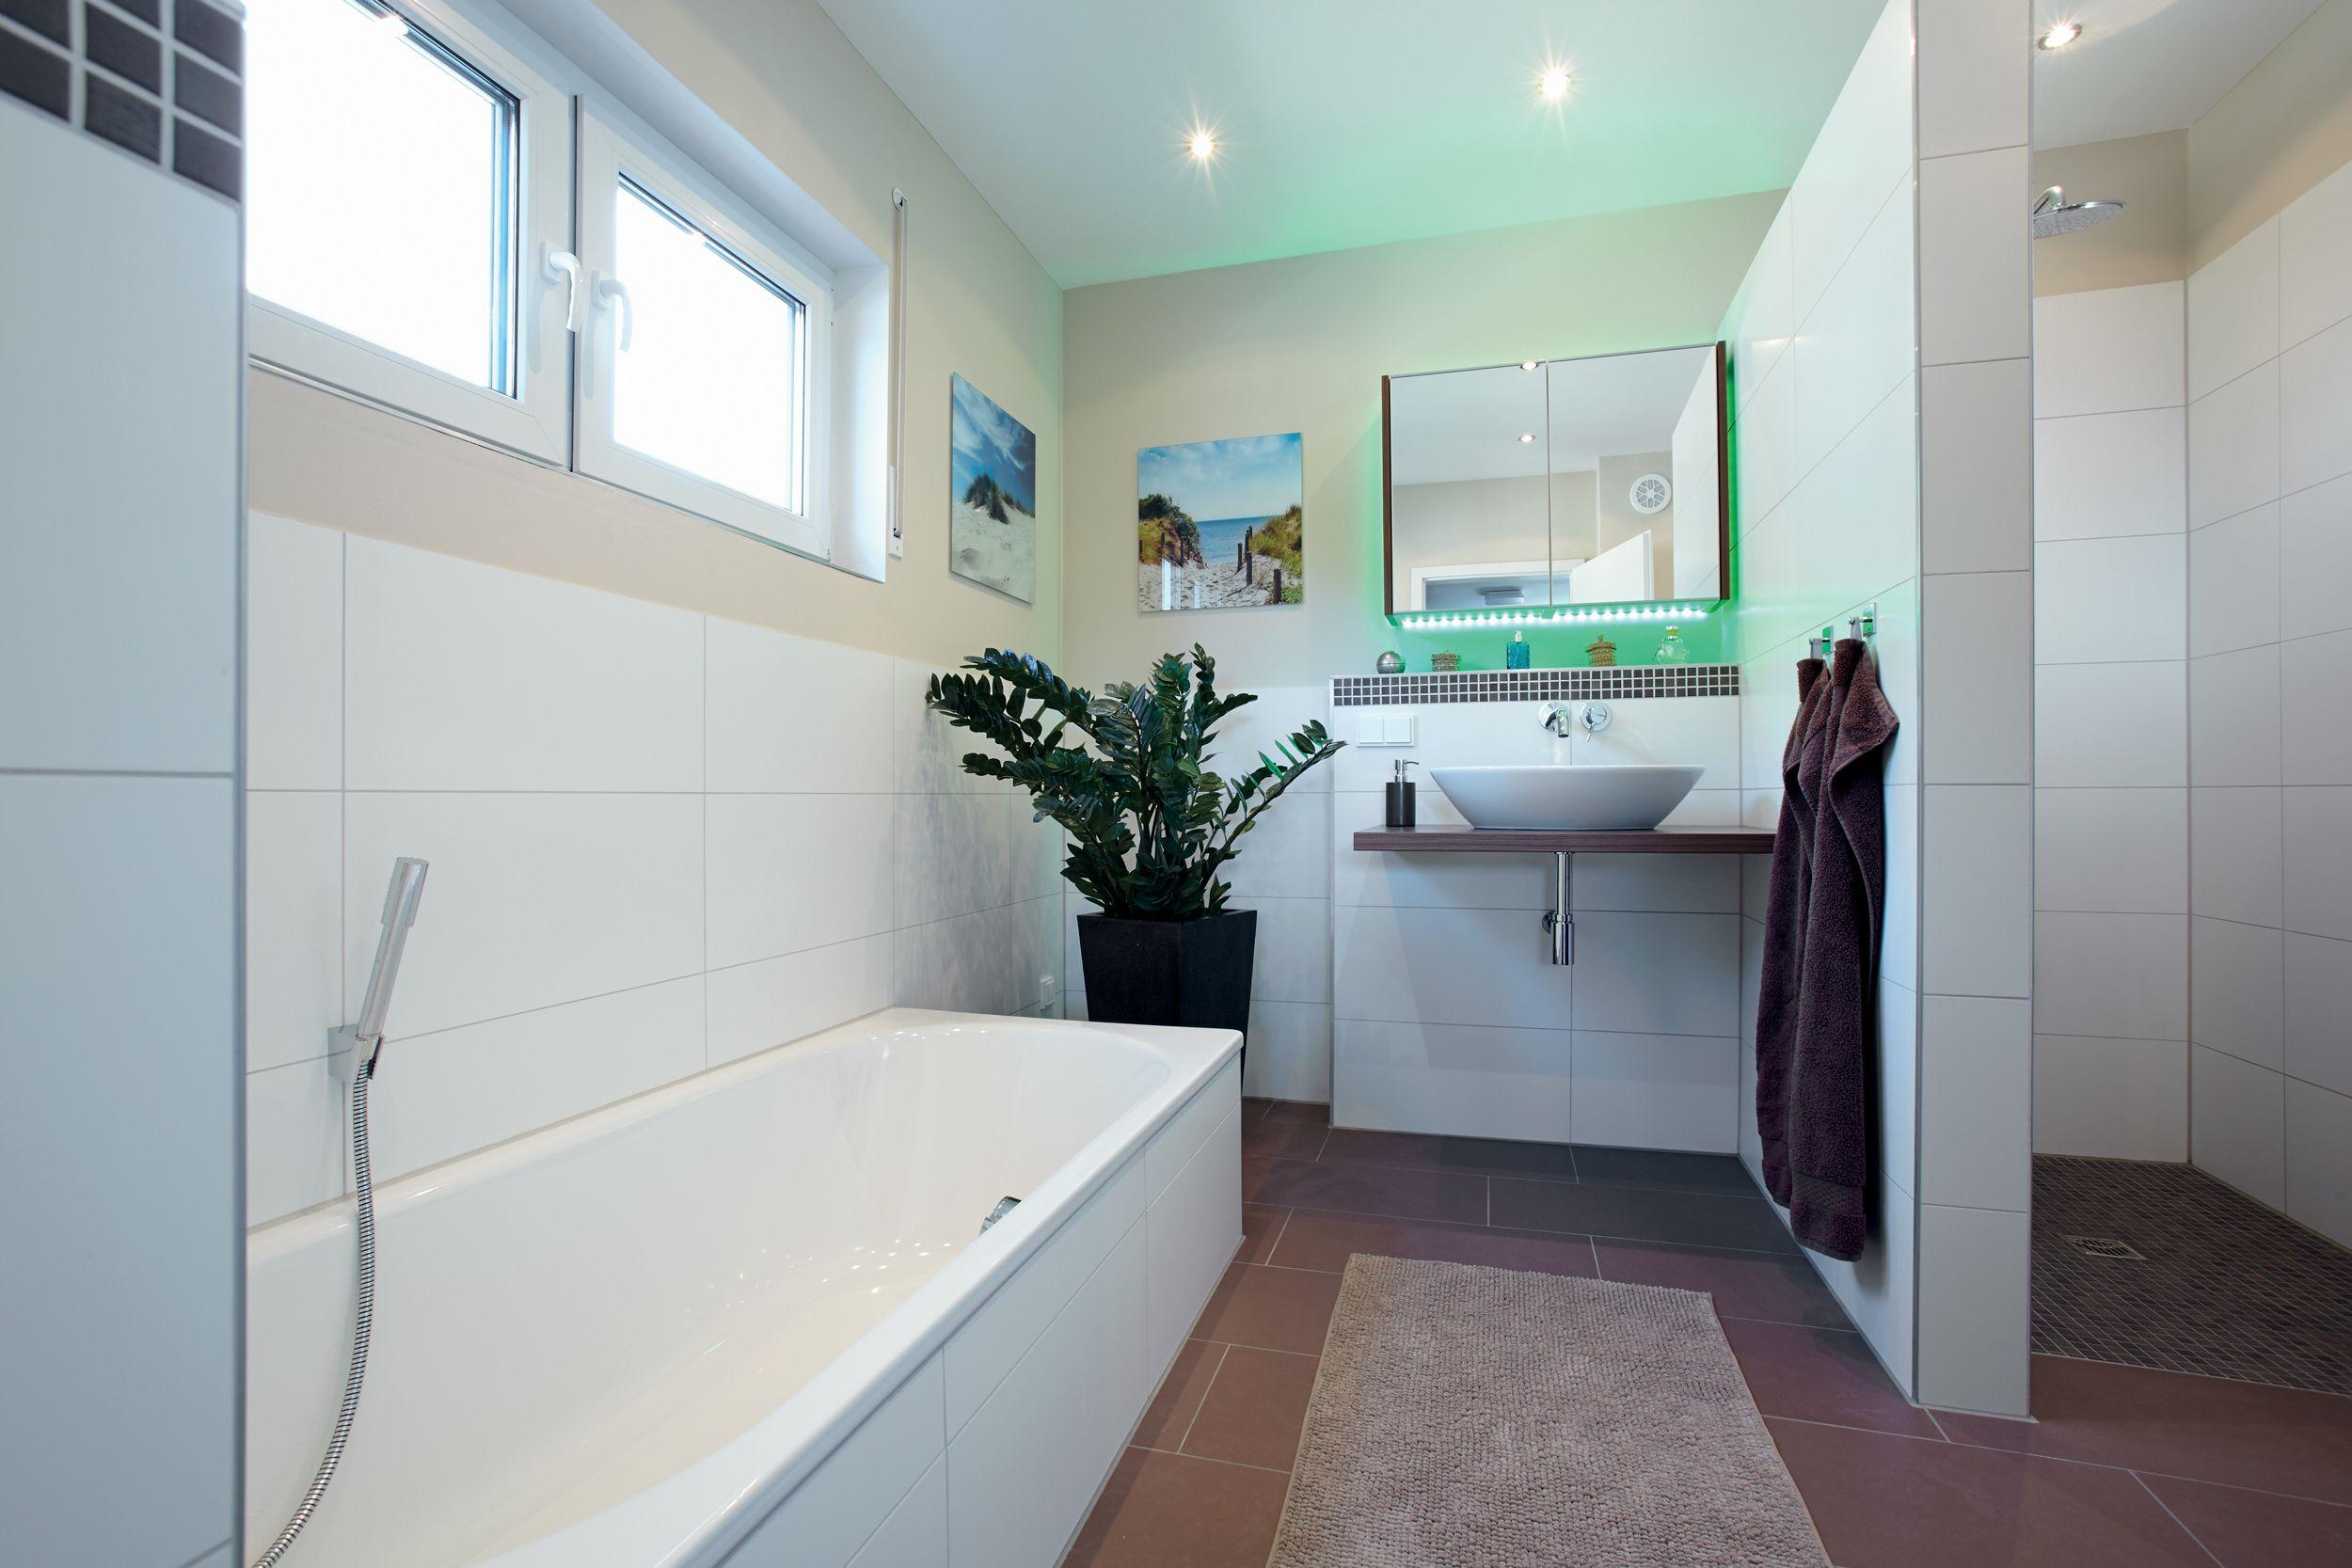 Helles Badezimmer Mit Dusche Und Badewanne Fertighaus Kaufen Helle Badezimmer Haus